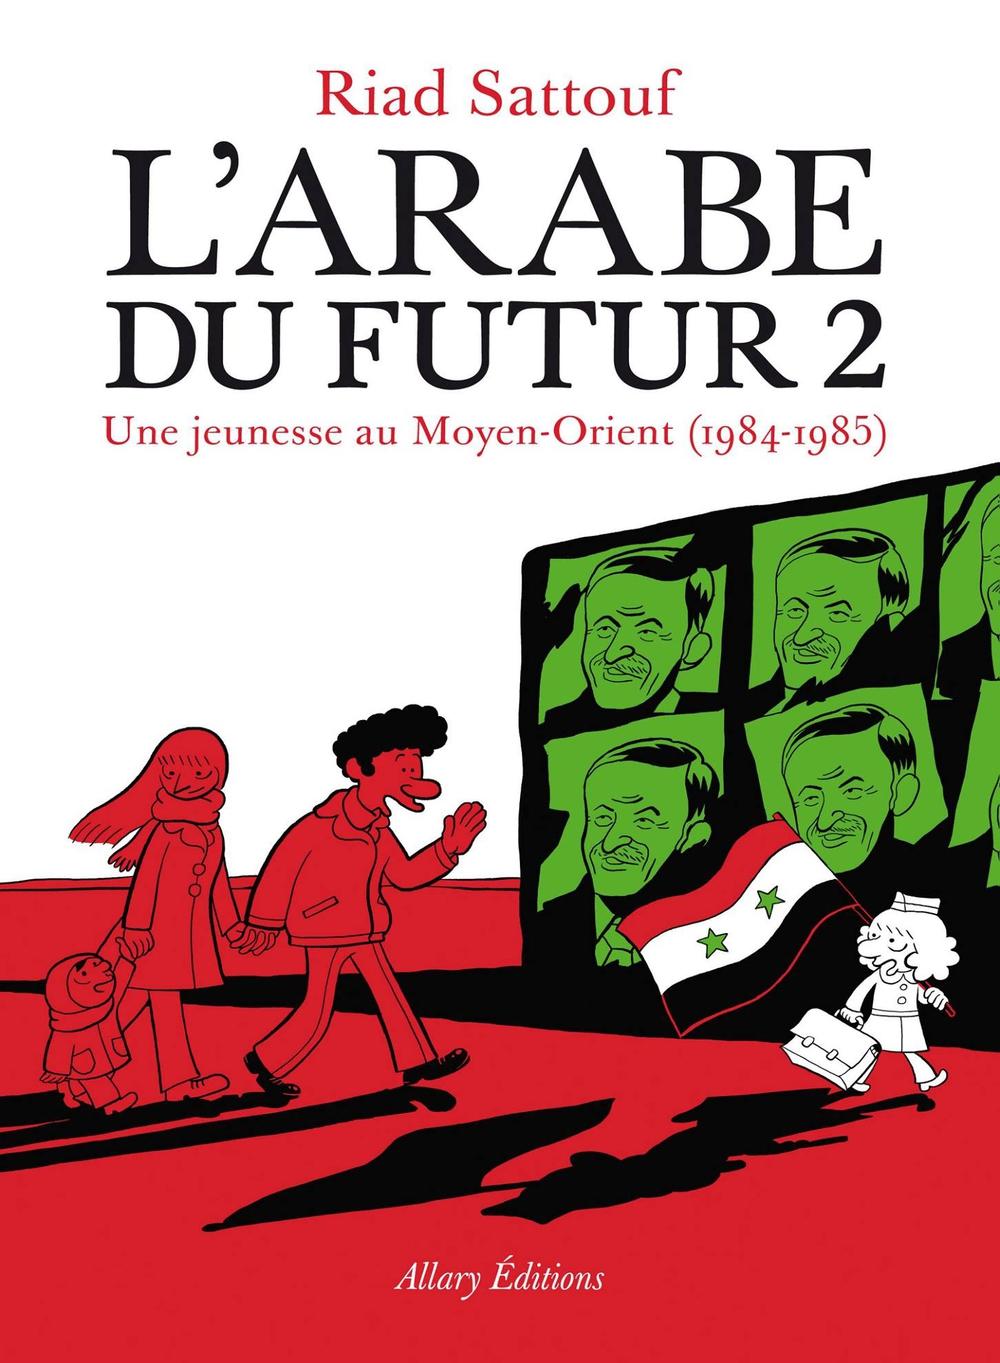 L'arabe du futur 2 - Riad Sattouf – Allary Editions